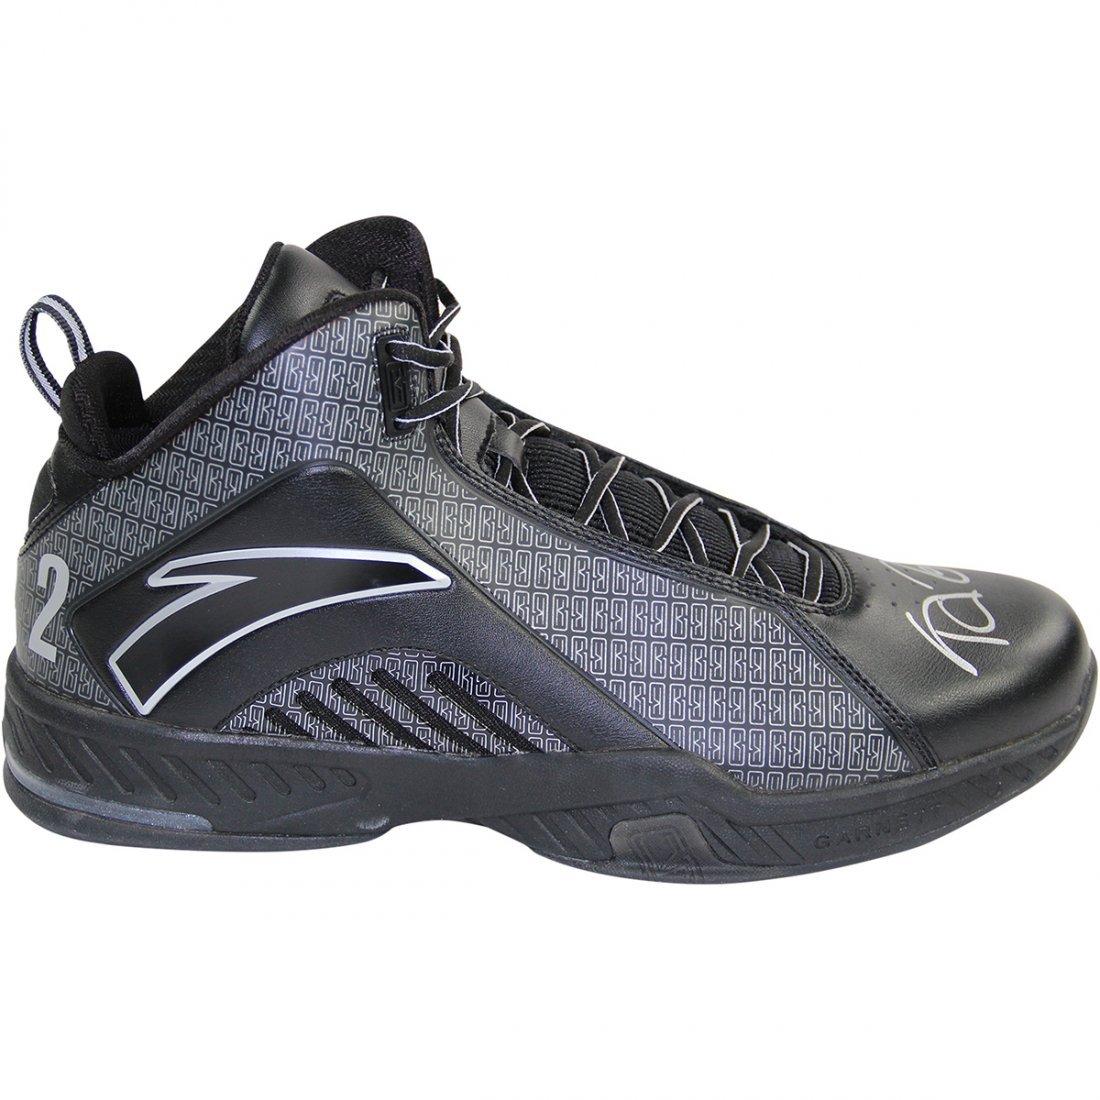 Kevin Garnett Signed Game Issued Shoes - Anta KG3 Black